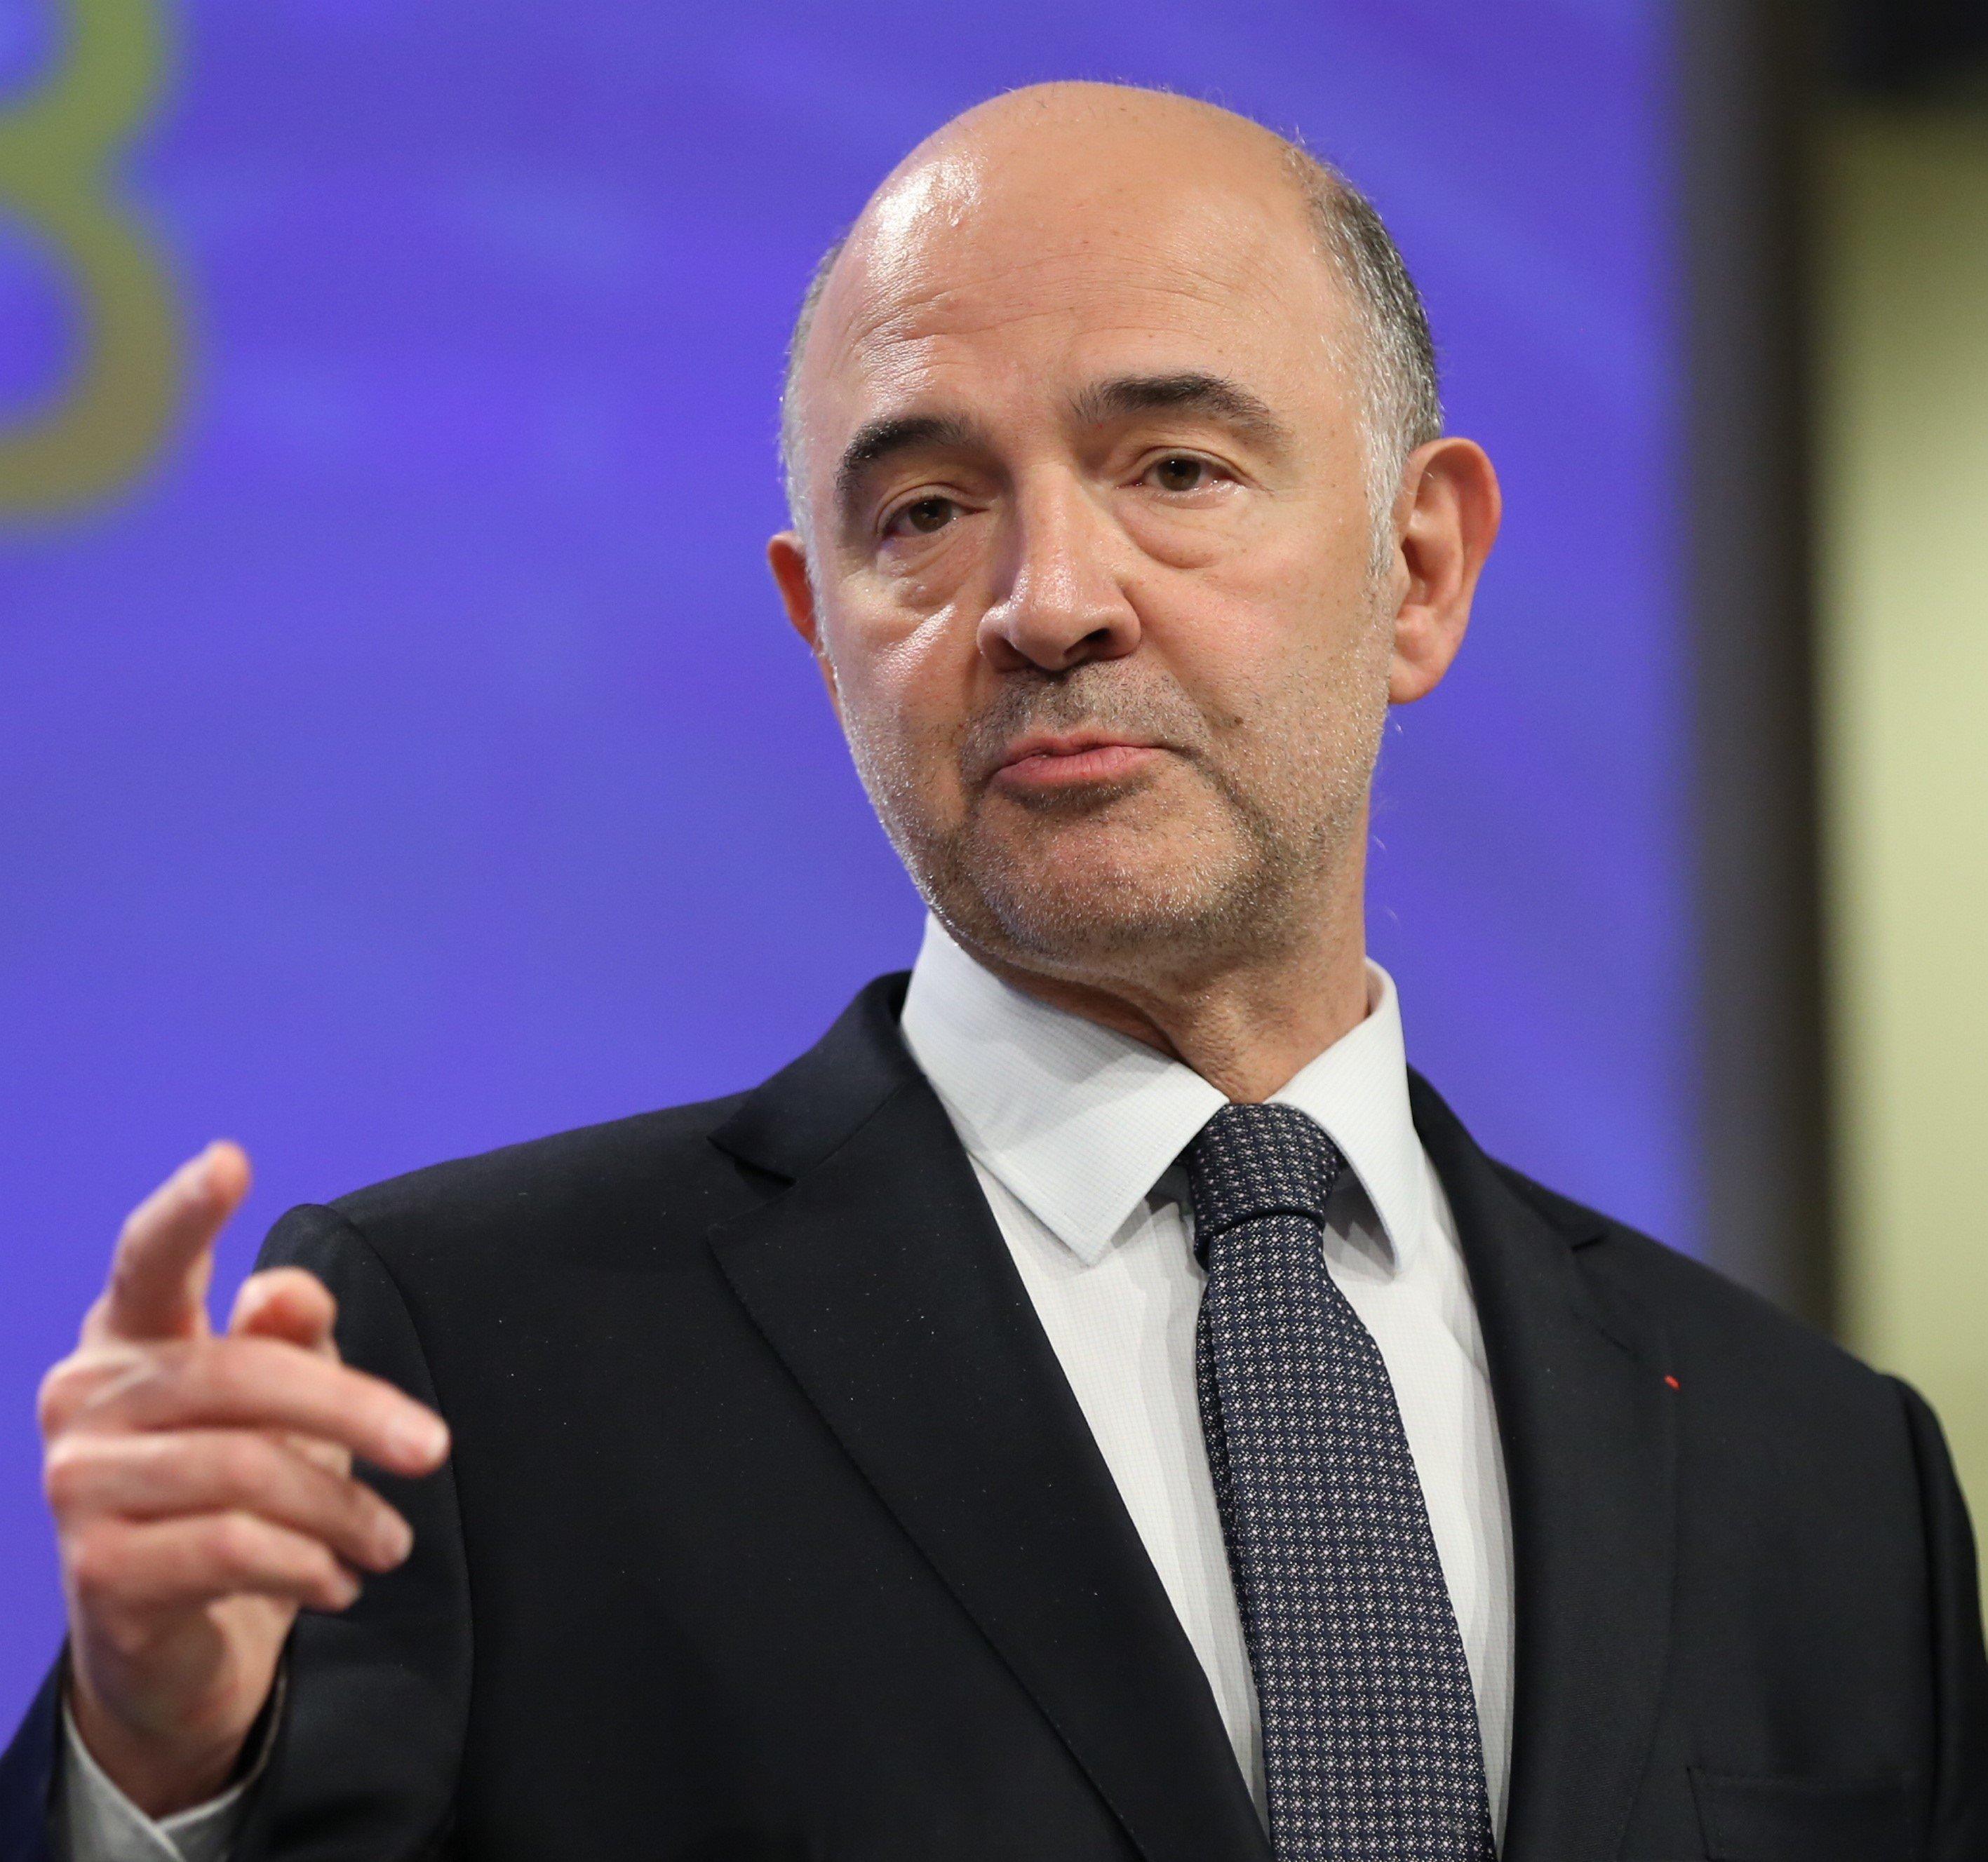 Μοσκοβισί: Οι δεσμεύσεις από την Ελλάδα εκπληρώθηκαν. Αυτό θα είναι το σύνθημα του επόμενου